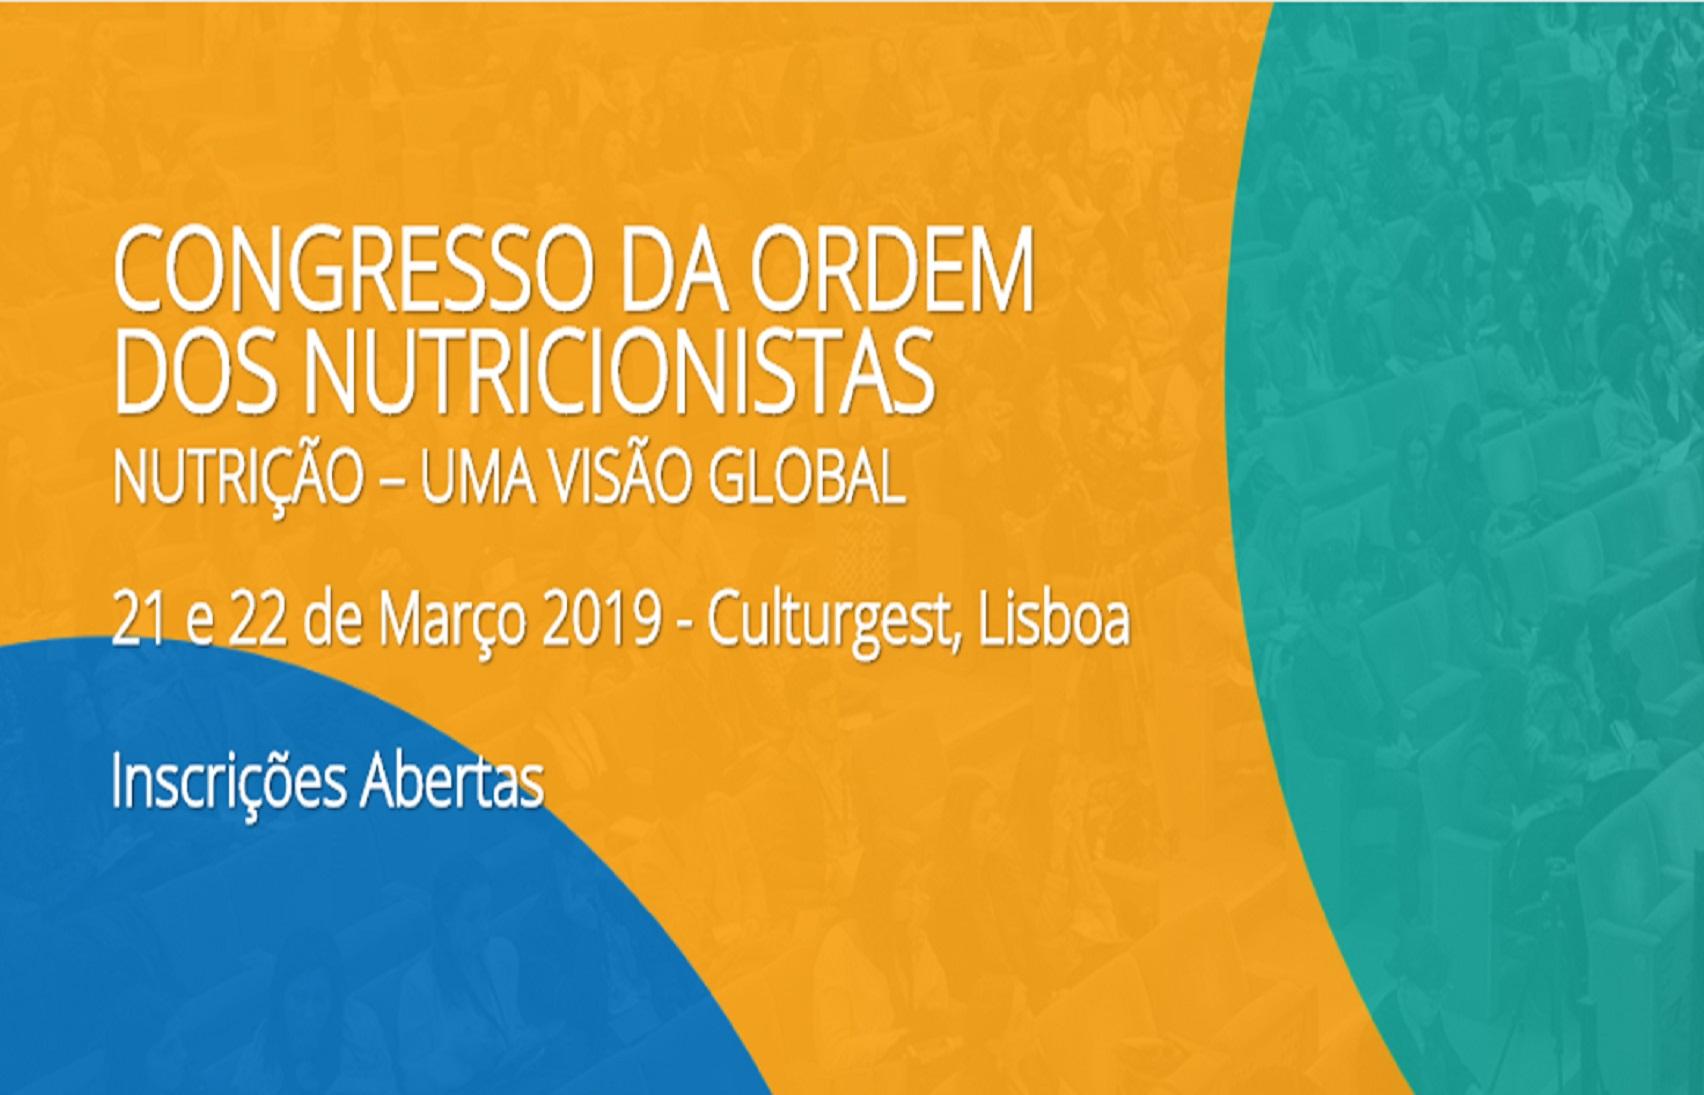 II Congresso da Ordem dos Nutricionistas